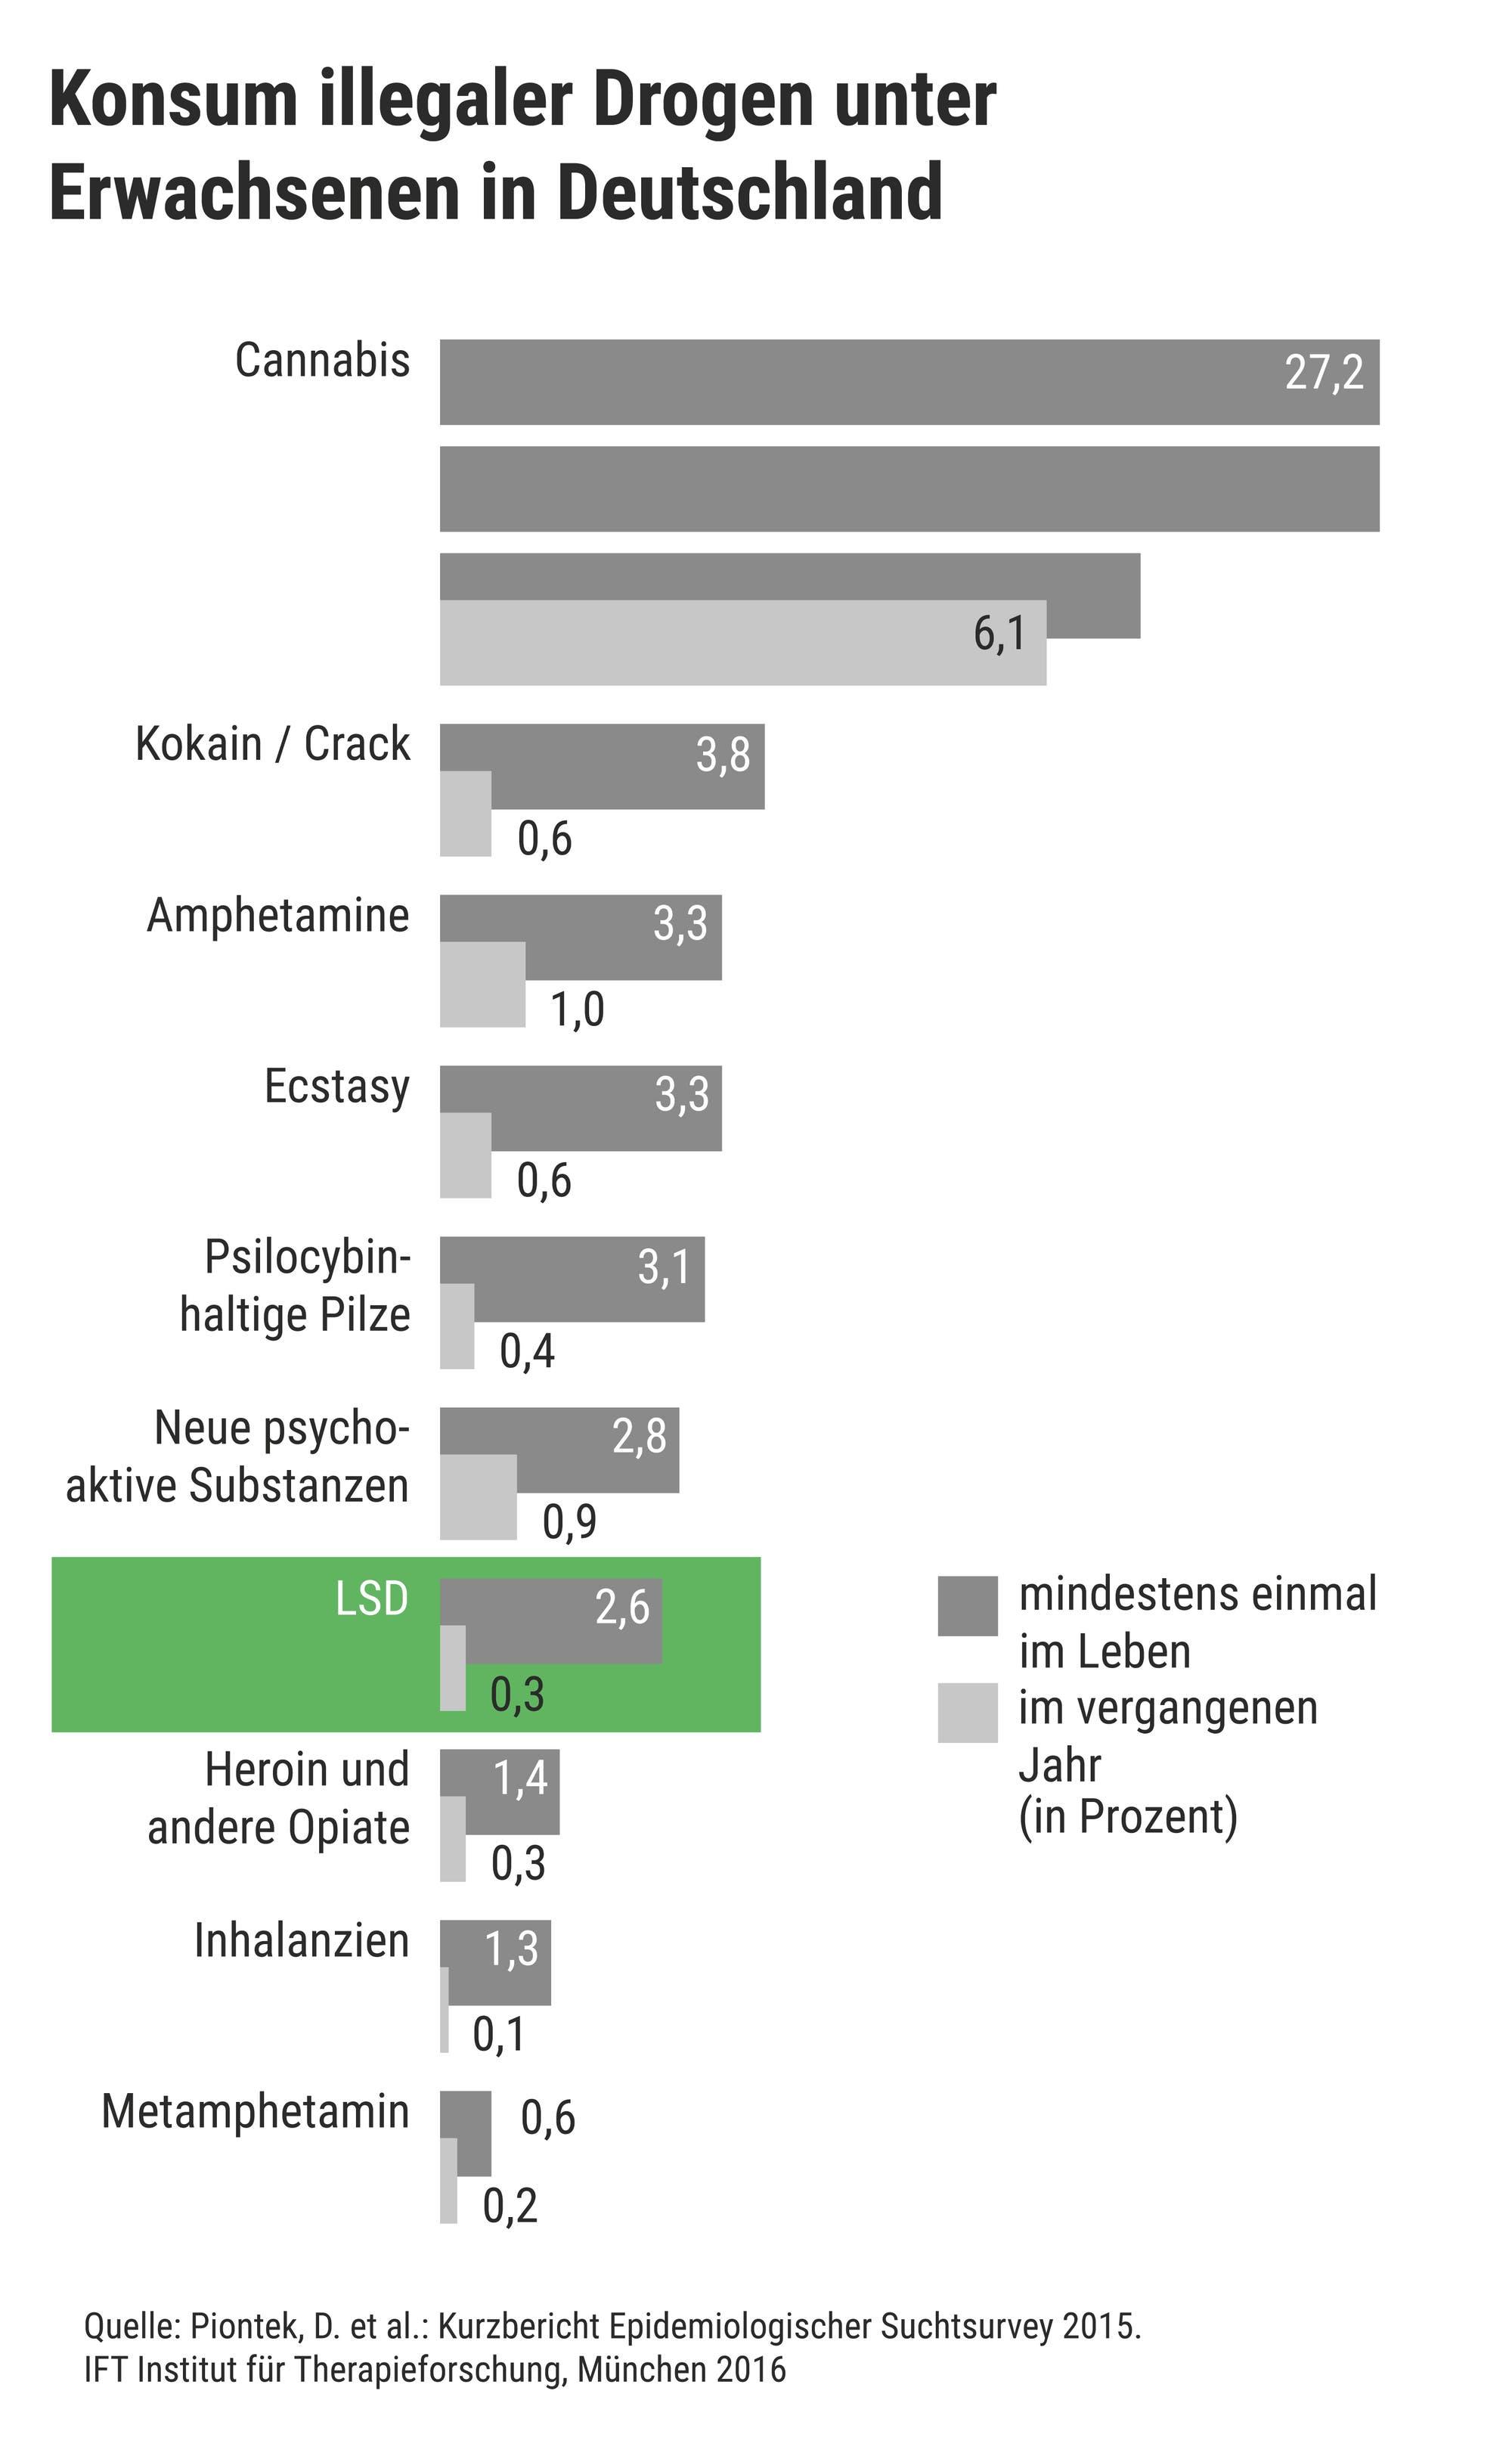 Das Balkendiagramm zeigt: 2,6 Prozent der Befragten haben laut einer Umfrage aus dem Jahr 2015 bereits mindestens einmal im Leben LSD genommen; 0,3 Prozent hatten LSD im vergangenen Jahr konsumiert.